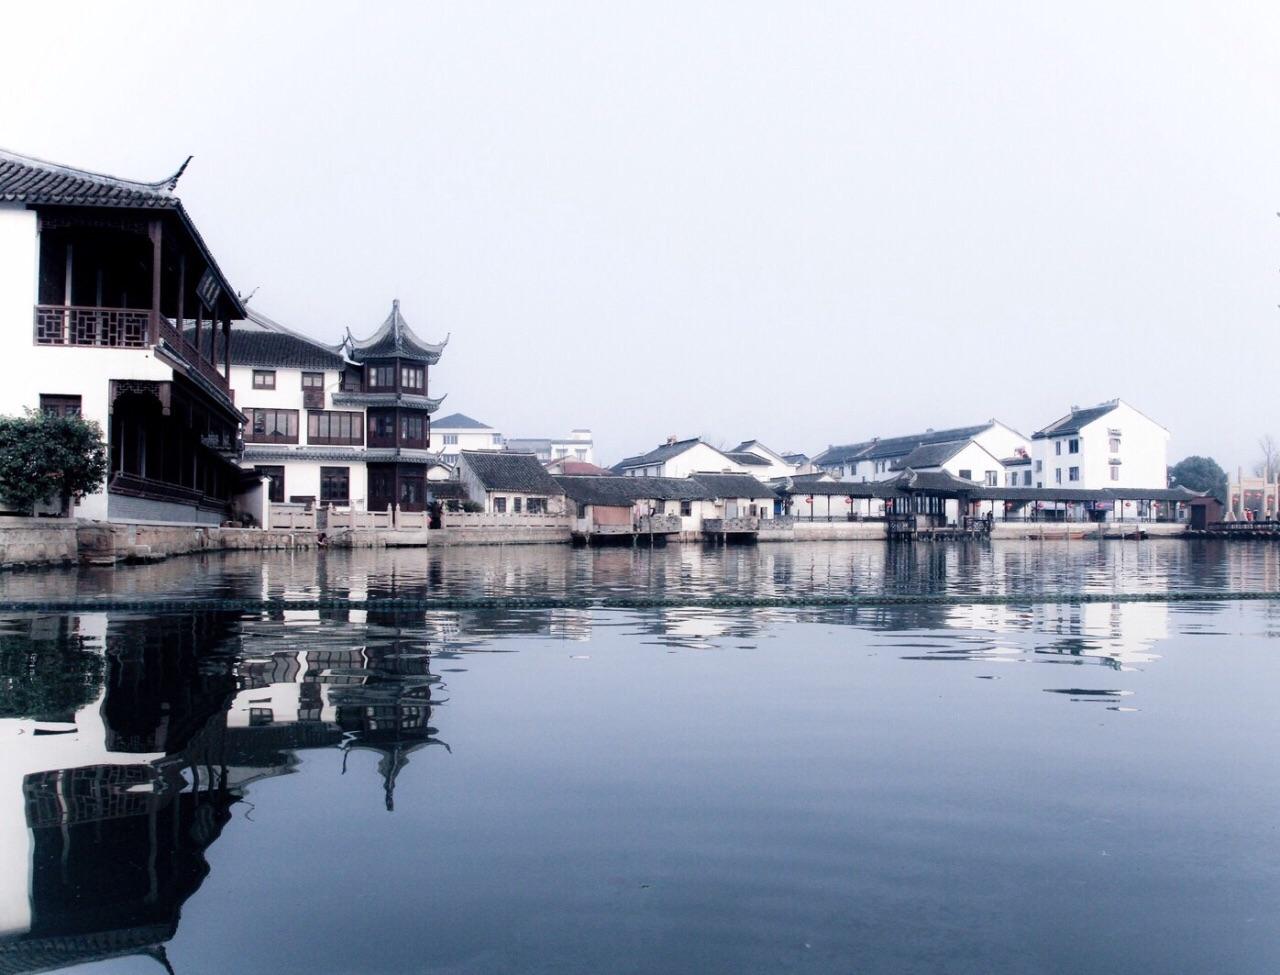 【携程攻略】昆山锦溪古镇景点,锦溪古镇,位於江苏省